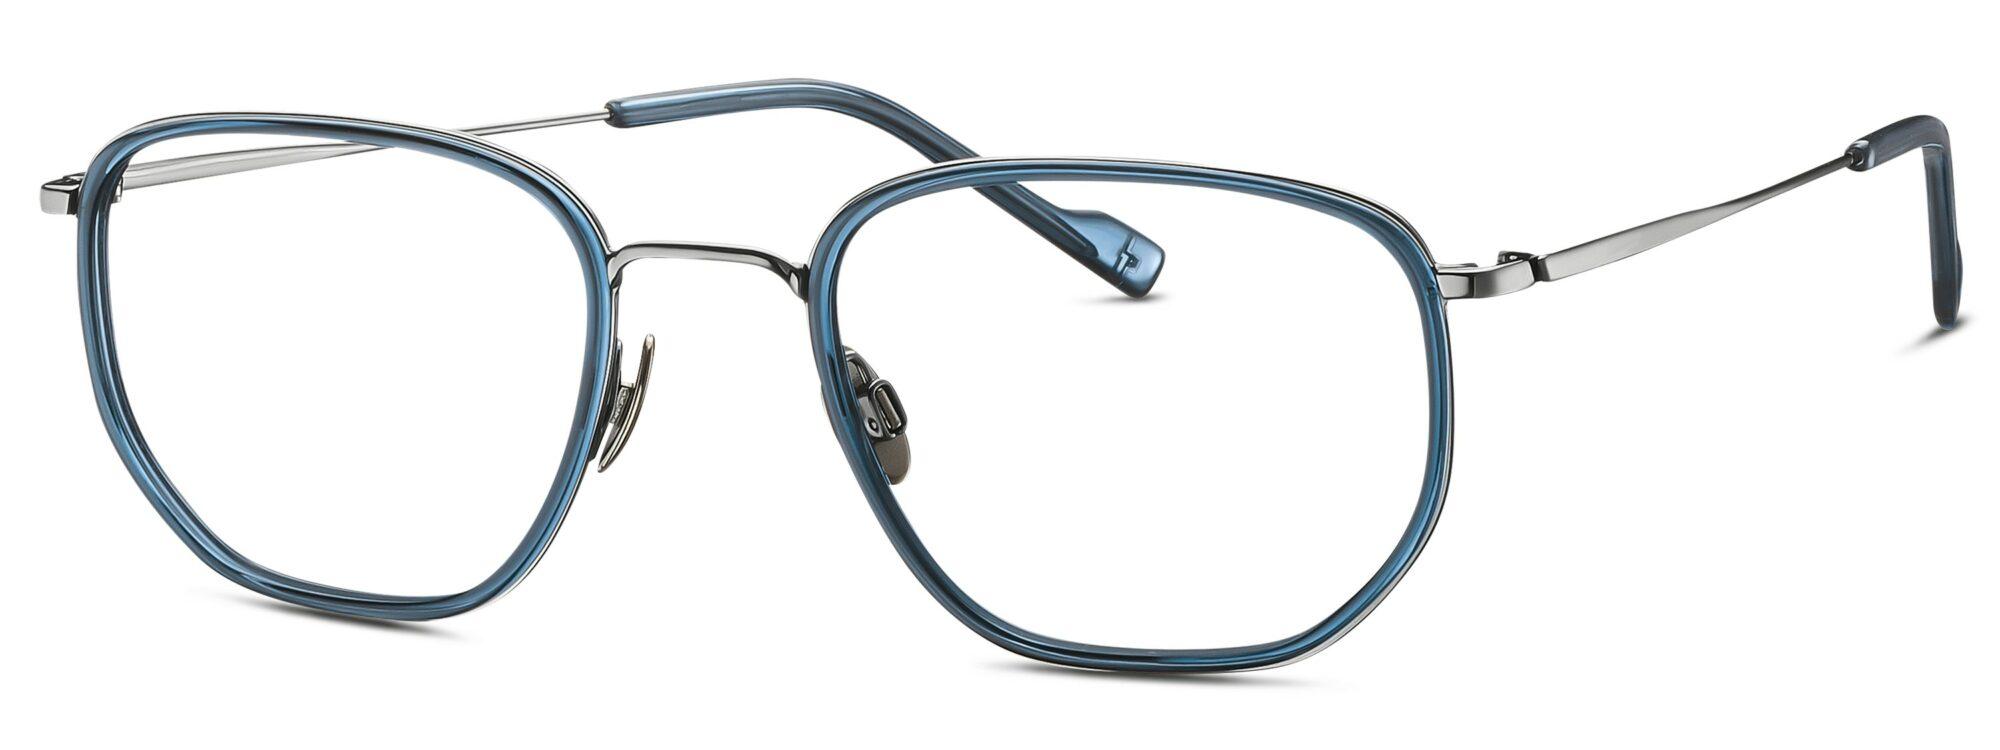 TITANFLEX - 820865-30